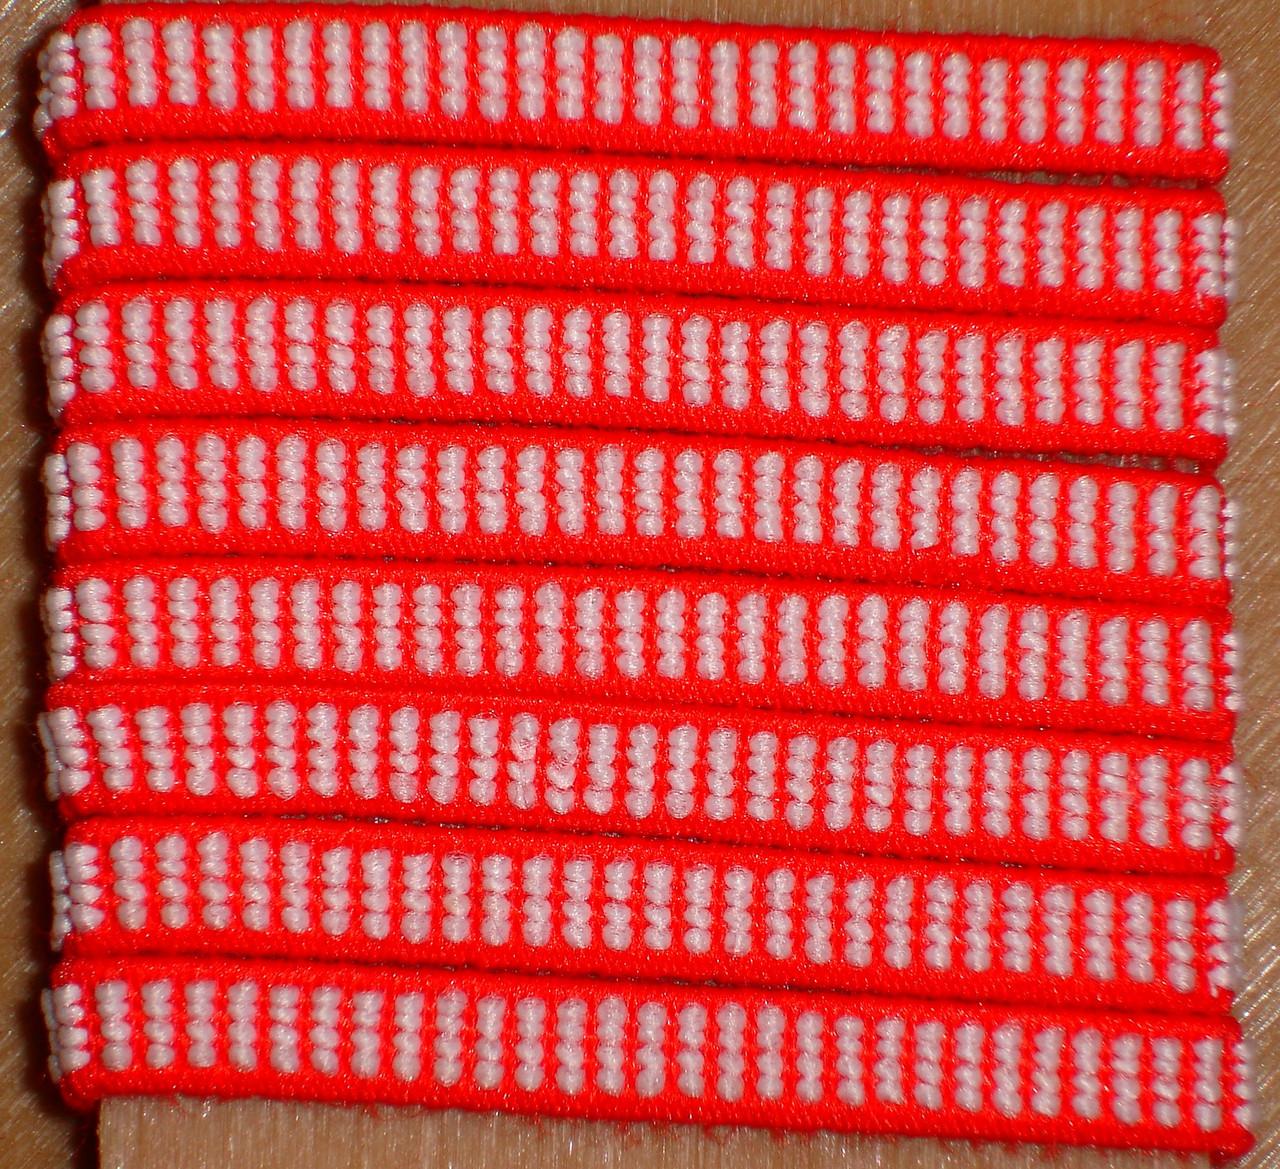 Резинка обувная текстильная 0.6 см метражная в боббинах